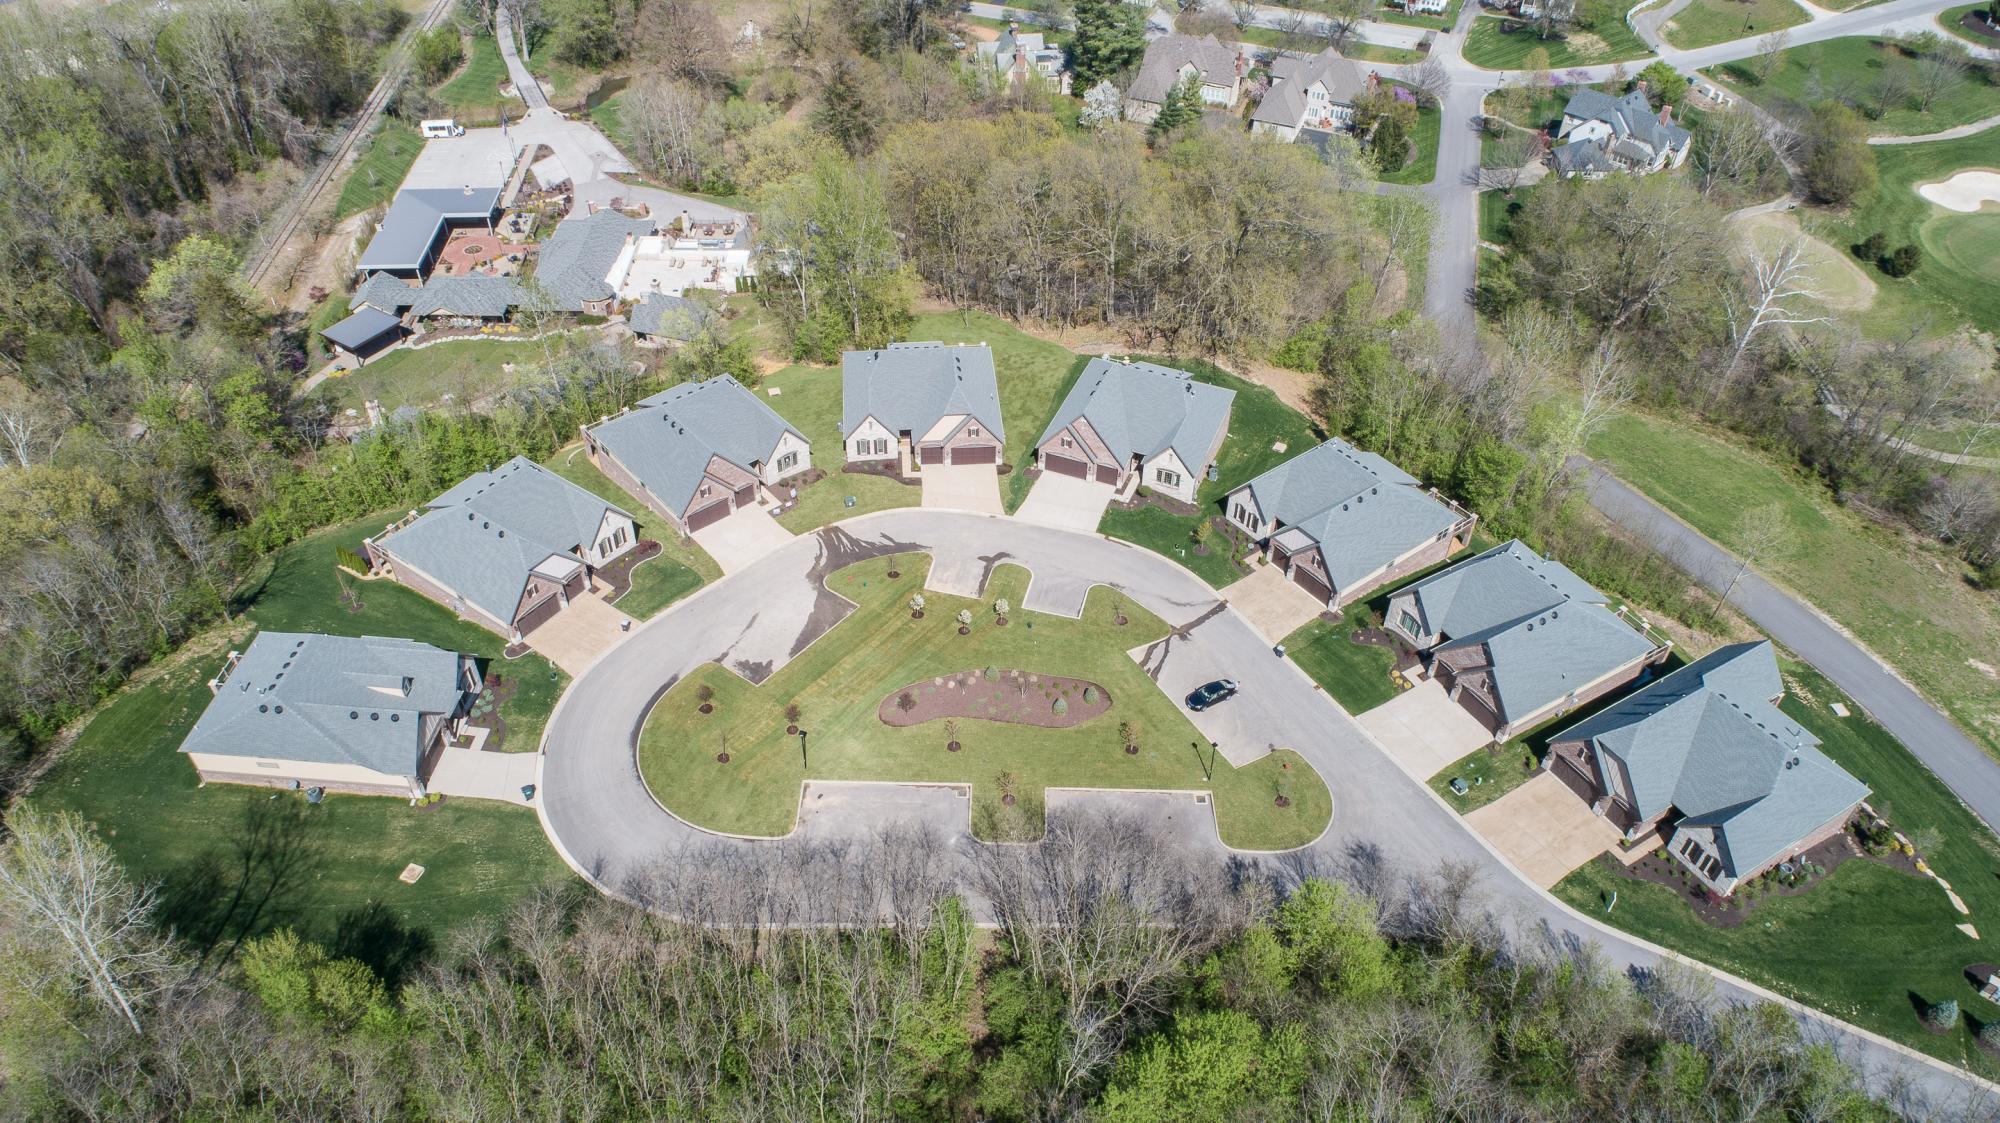 单亲家庭 为 销售 在 758 Village View Cir. St. Albans, Missouri 63073 United States